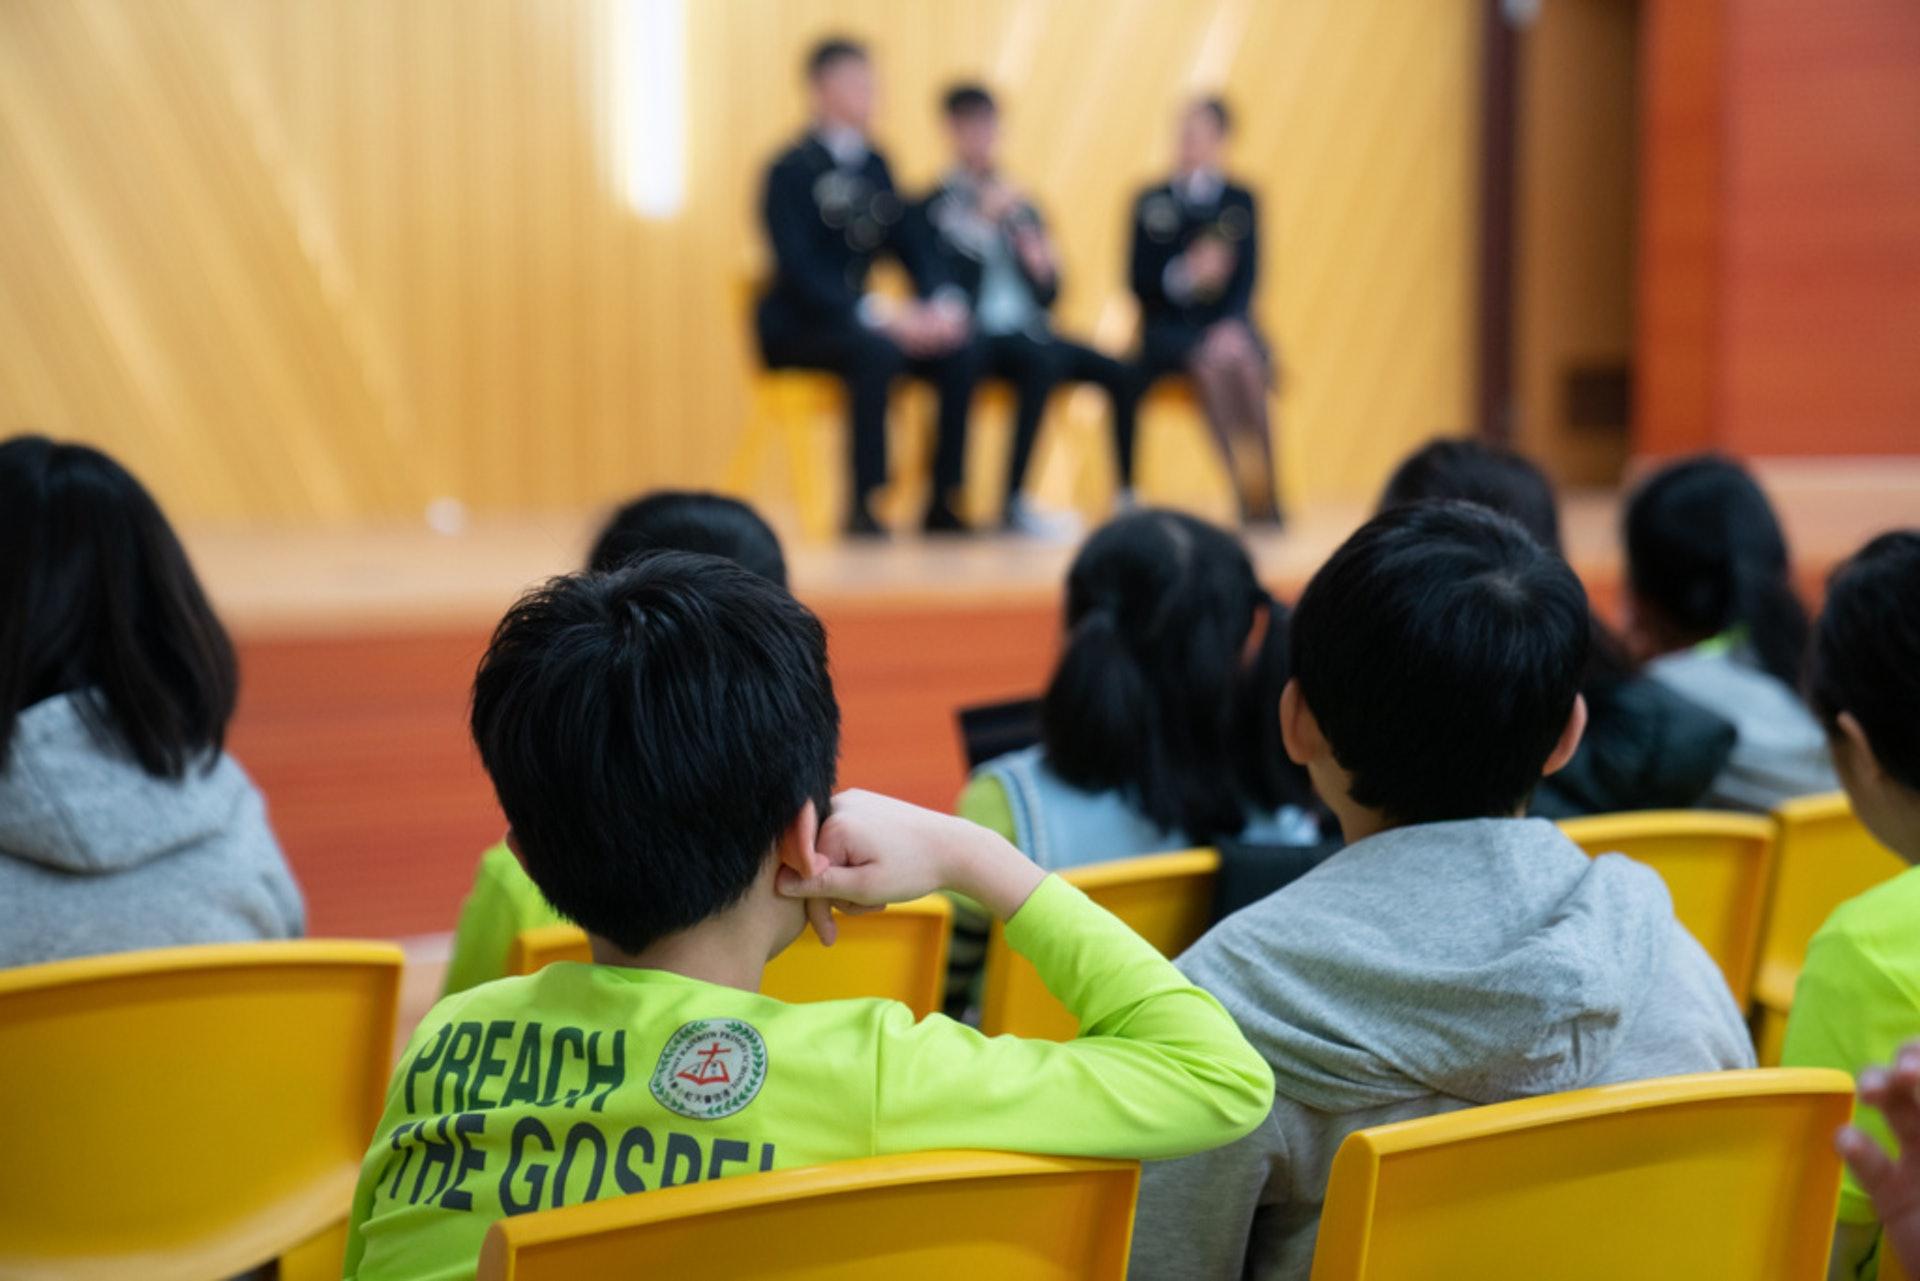 阿凱在台上分享個人經歷,希望學生引以為鑑。